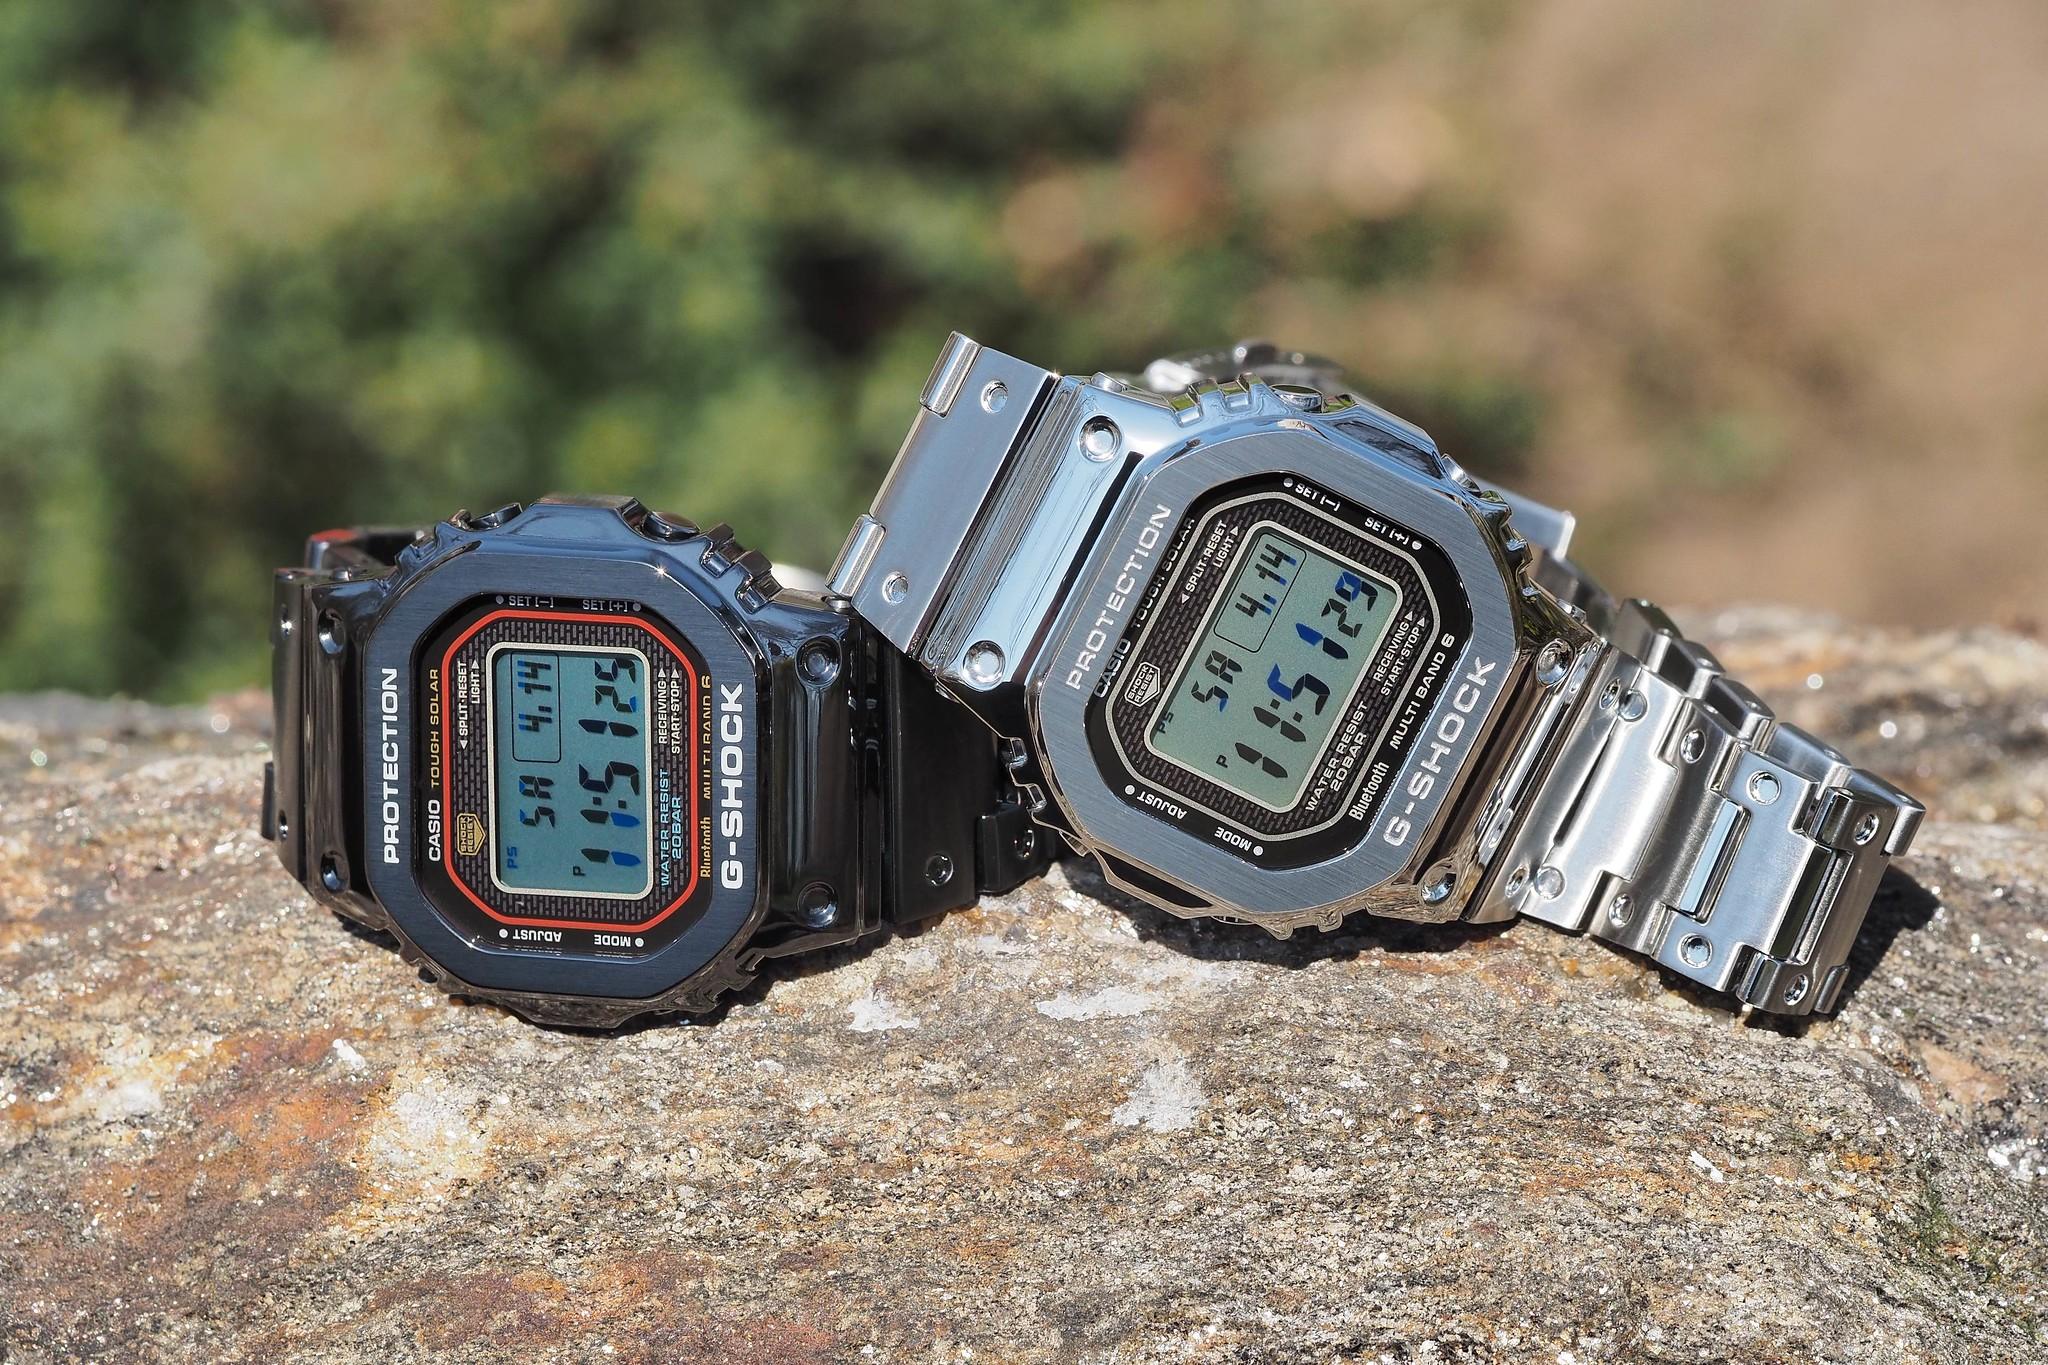 70579b3f33d6 REVIEW  G-Shock 5000 Series Full Metal